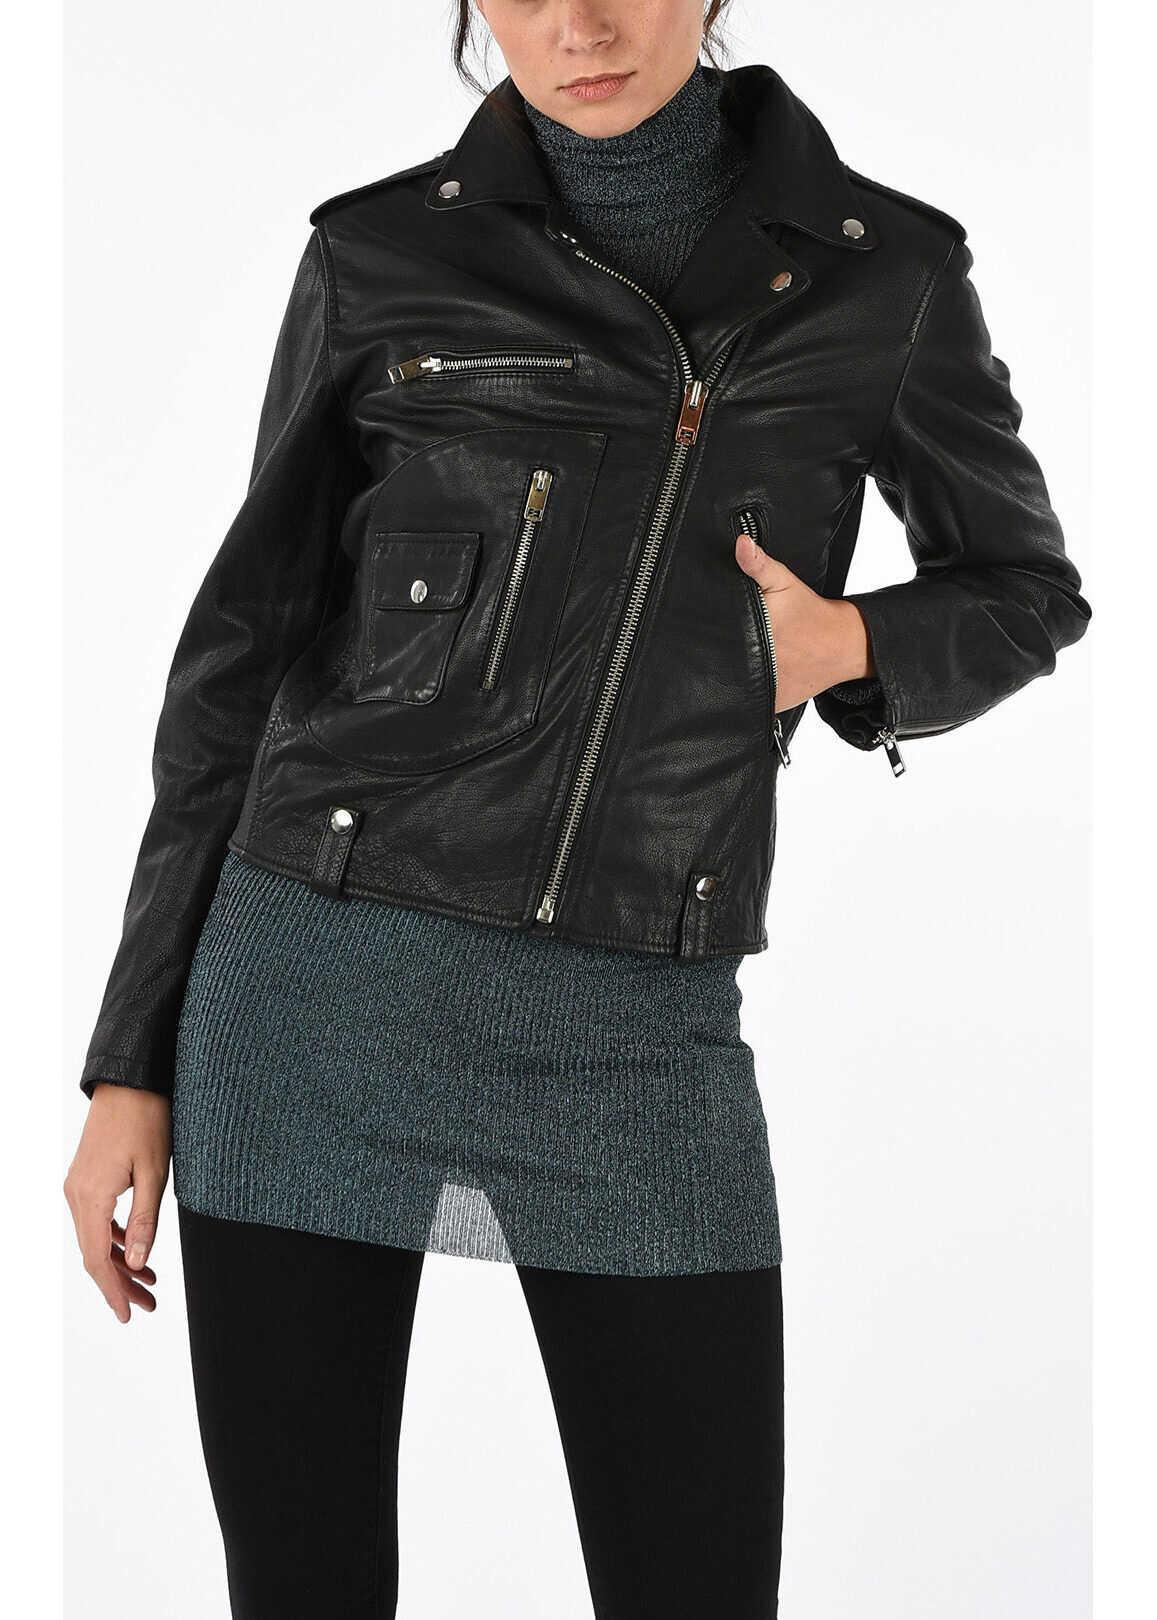 Diesel Leather L-MORGAN Jacket BLACK